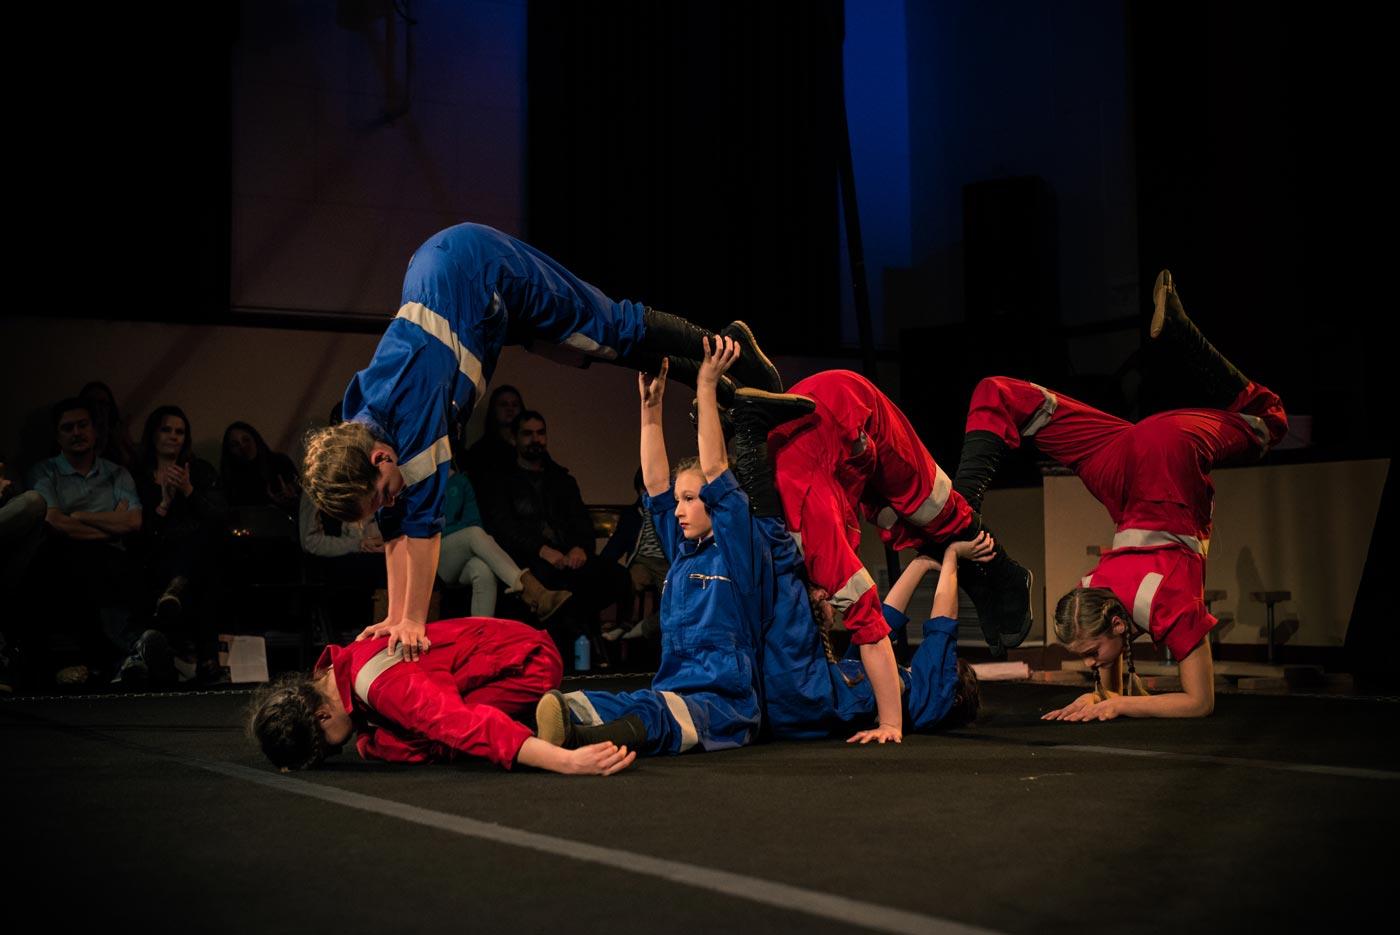 Aeraflux Eos Acrobatics Performance